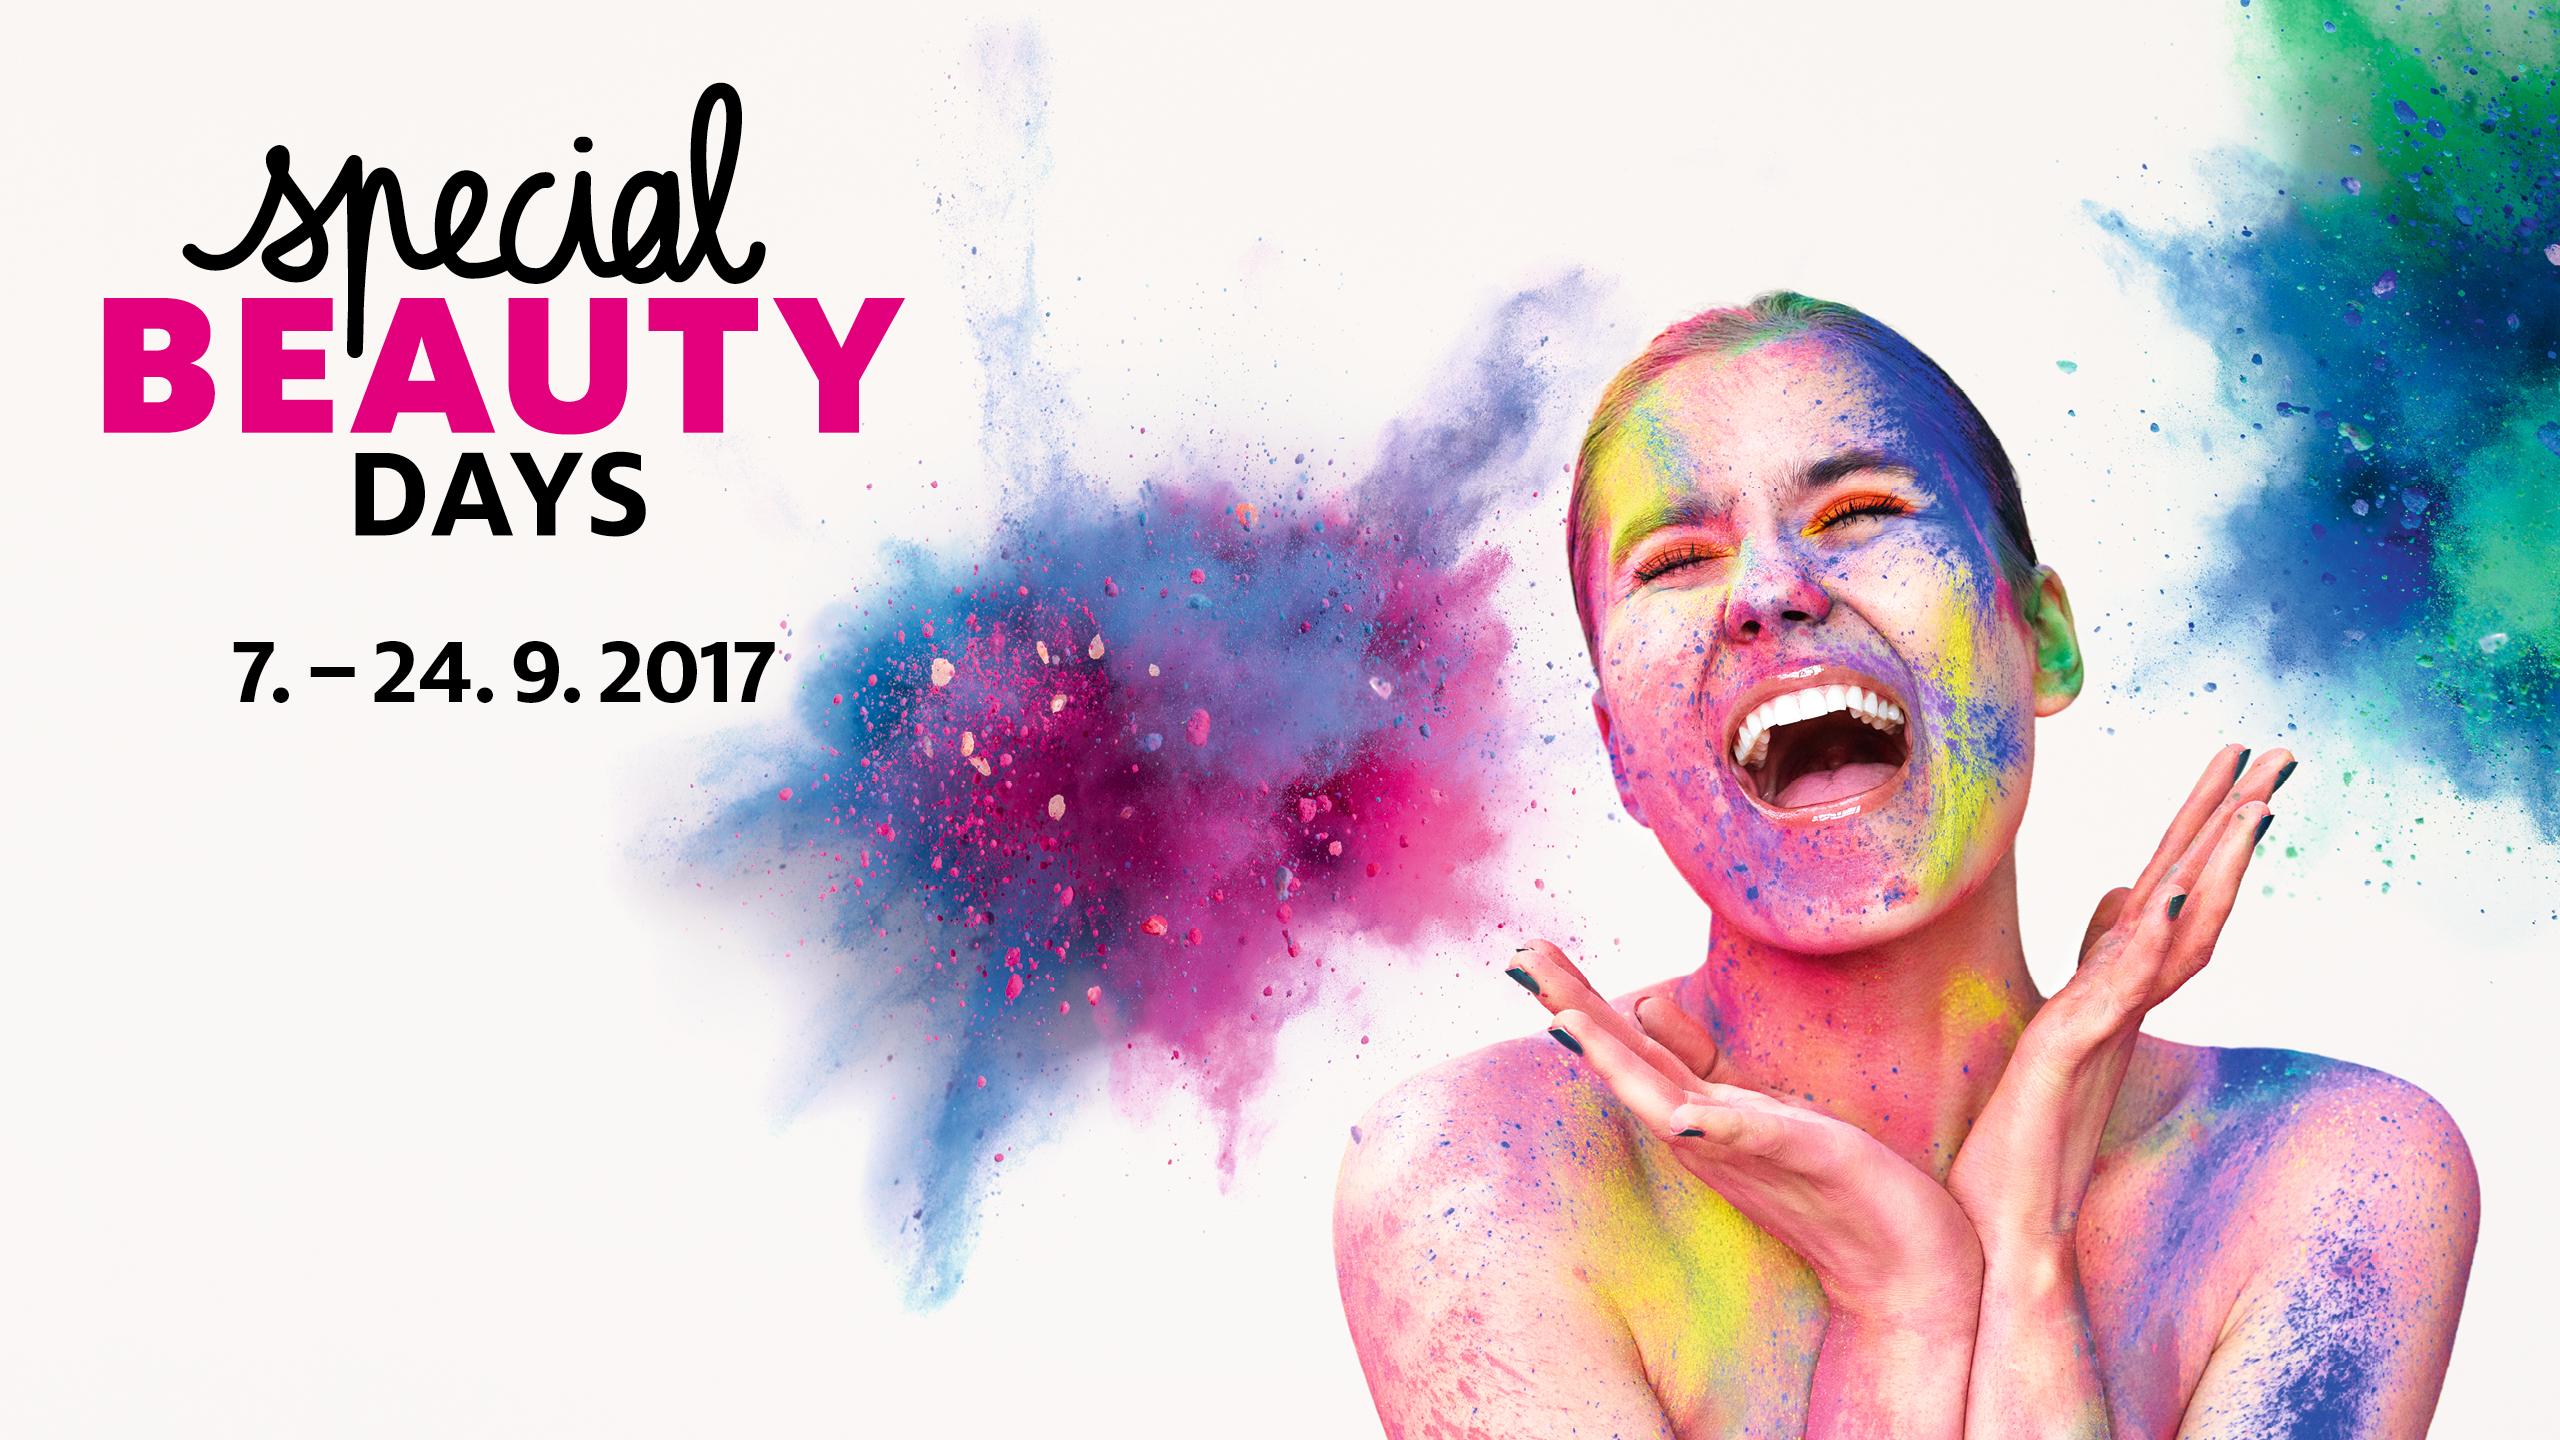 Beauty_Fall17_Social_Kanal_2560x1440px_lay